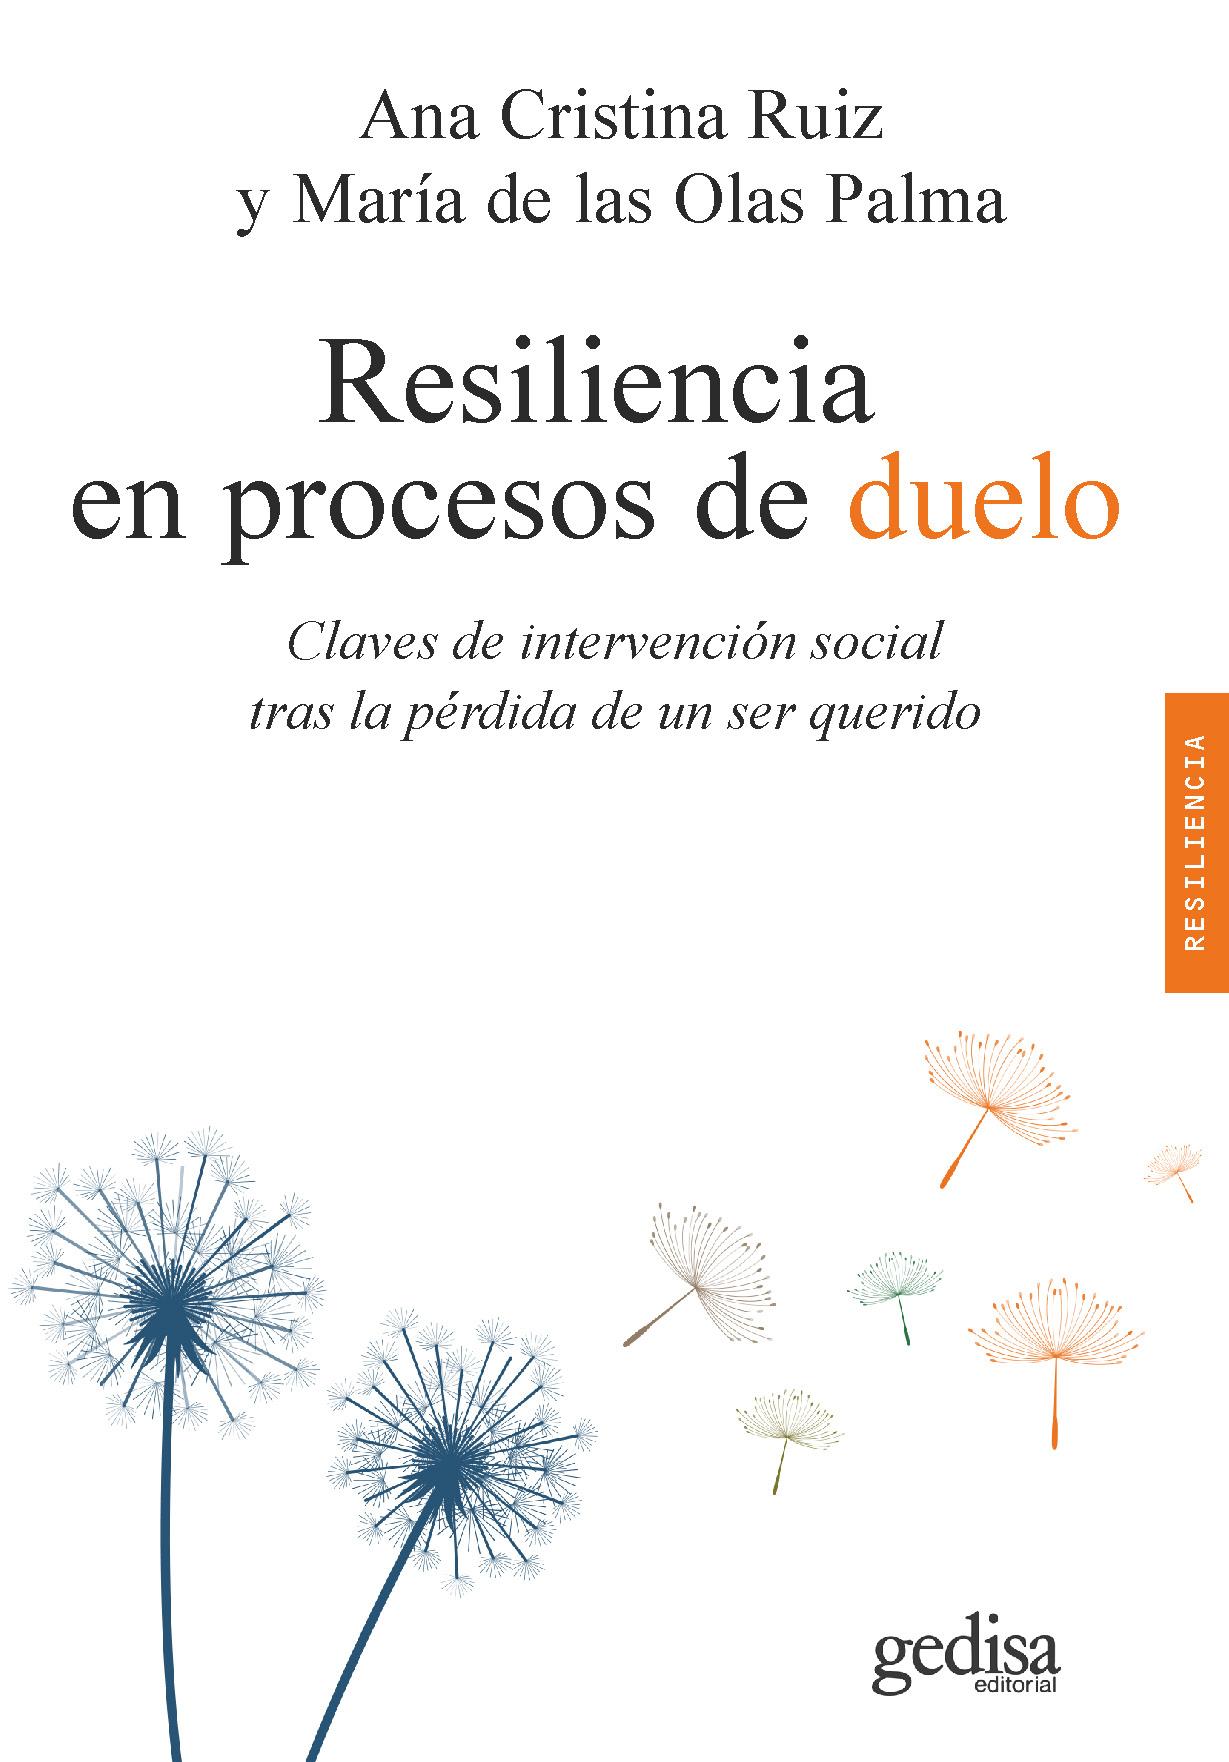 Resiliencia en procesos de duelo   «Claves de intervención social tras la pérdida de un ser querido»